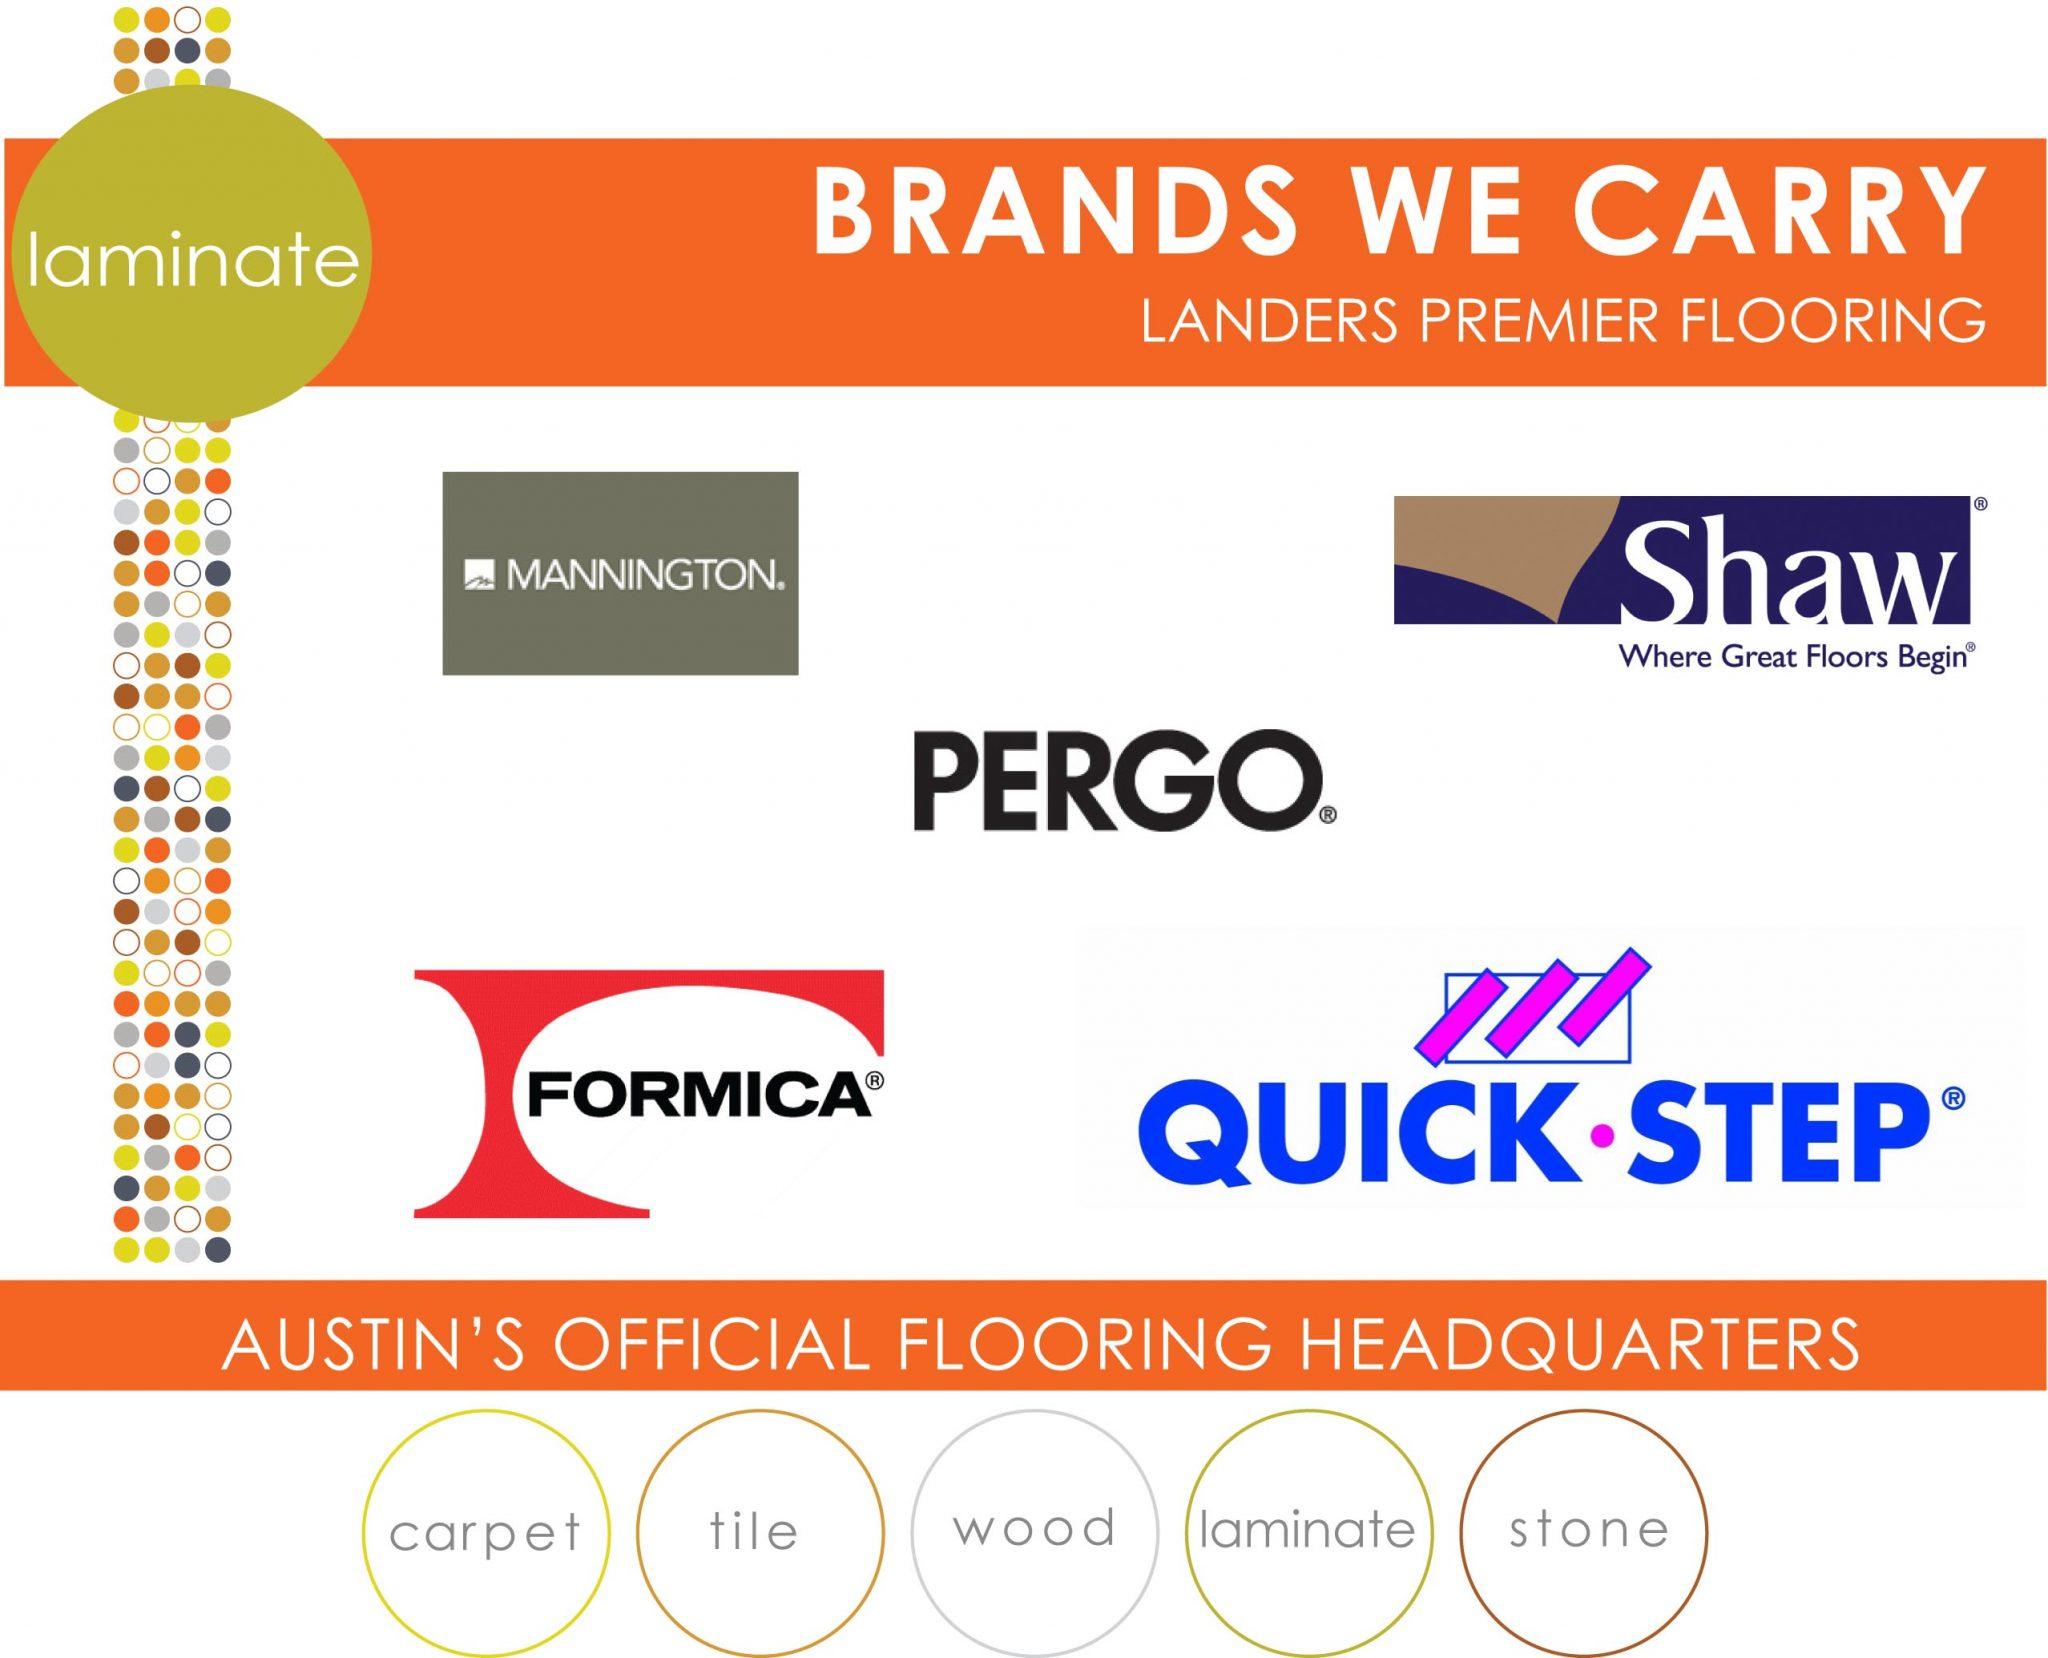 Laminate Brands Landers Premier Flooring Austin Tx